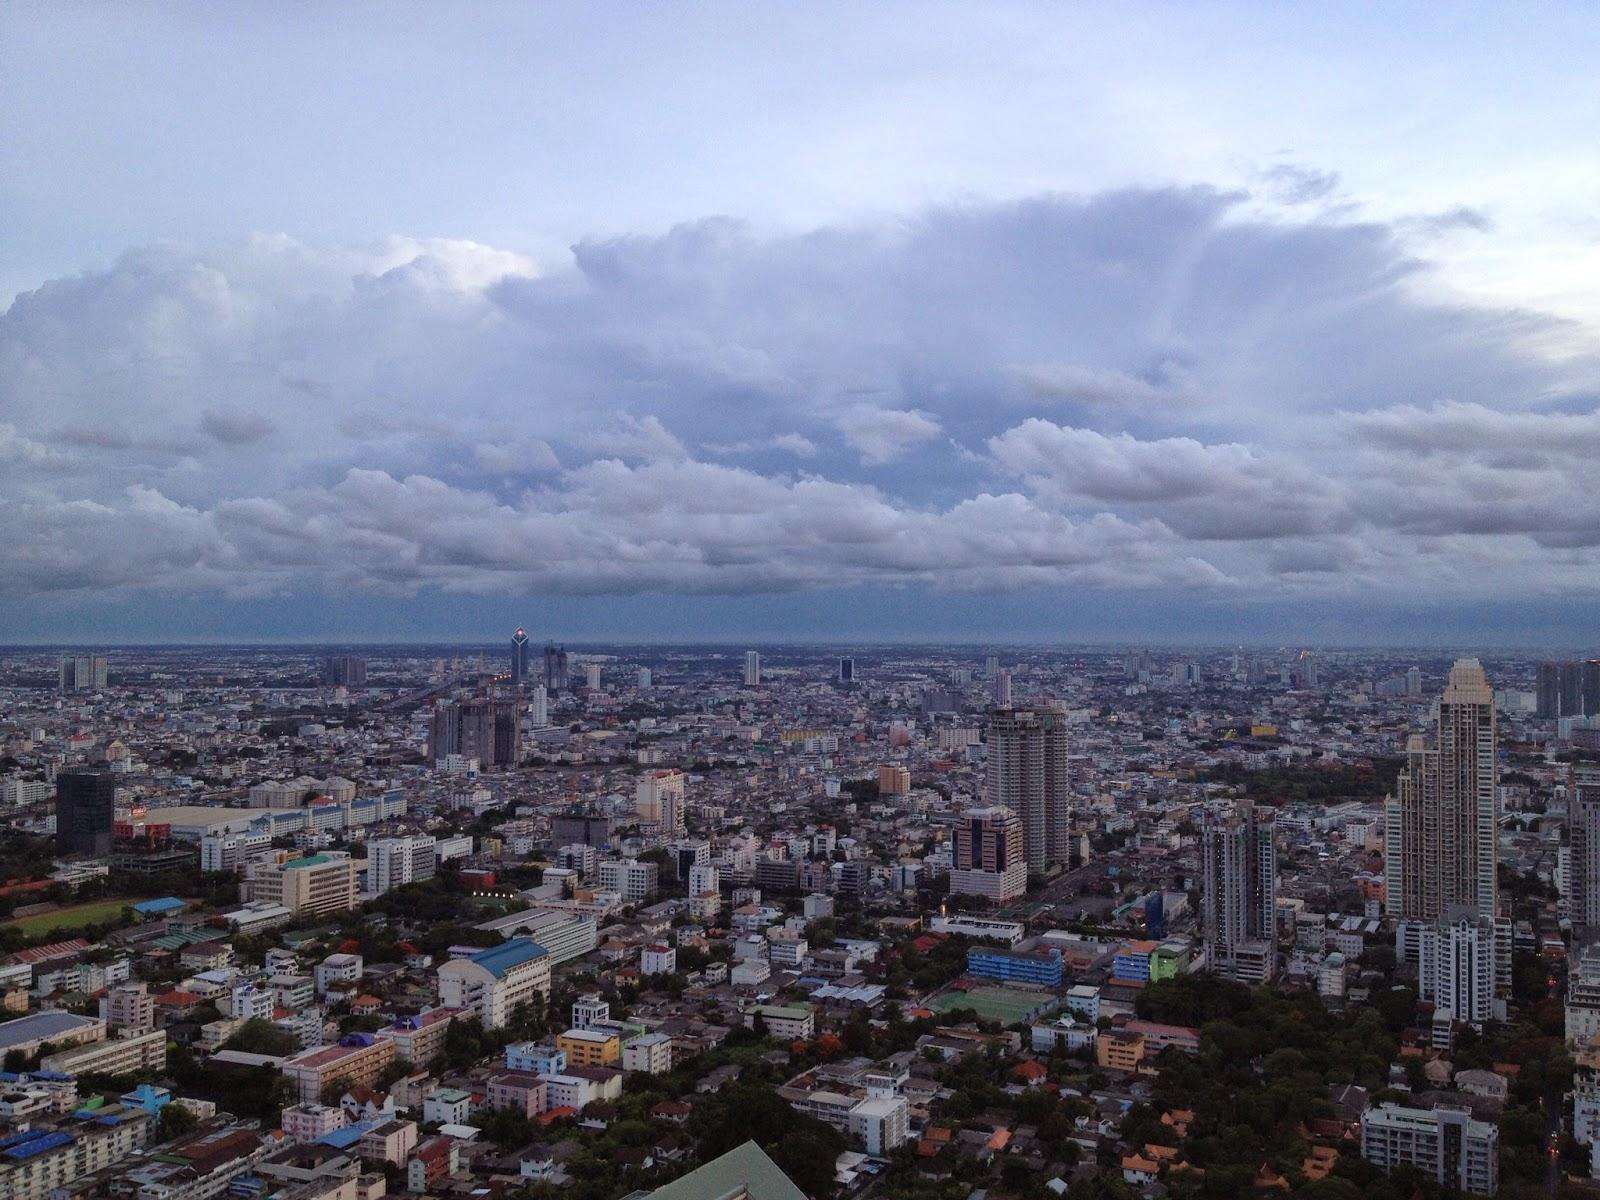 Bangkok - City views from the Vertigo and Moon Bar